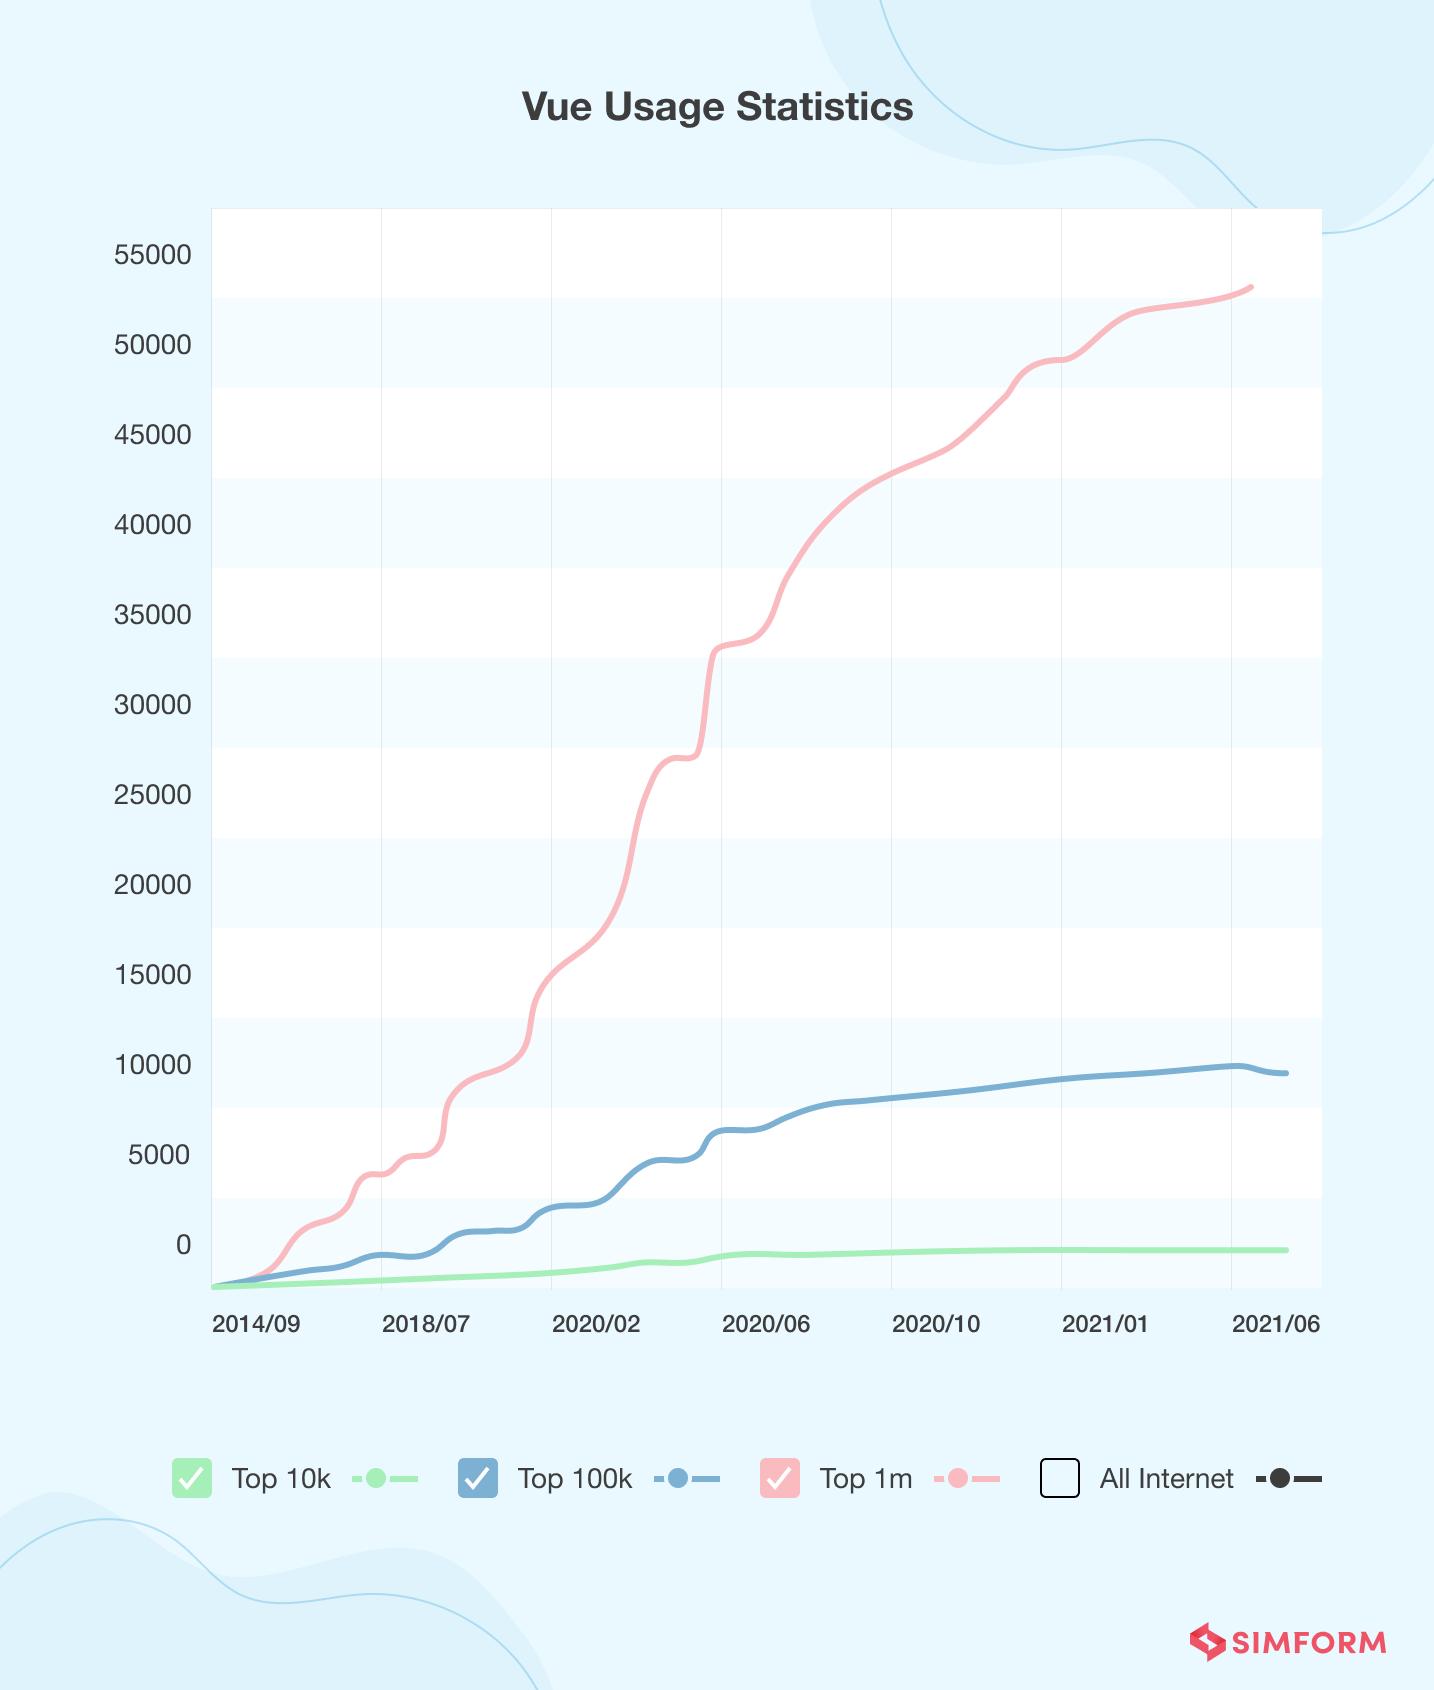 Vue Usage Statistics